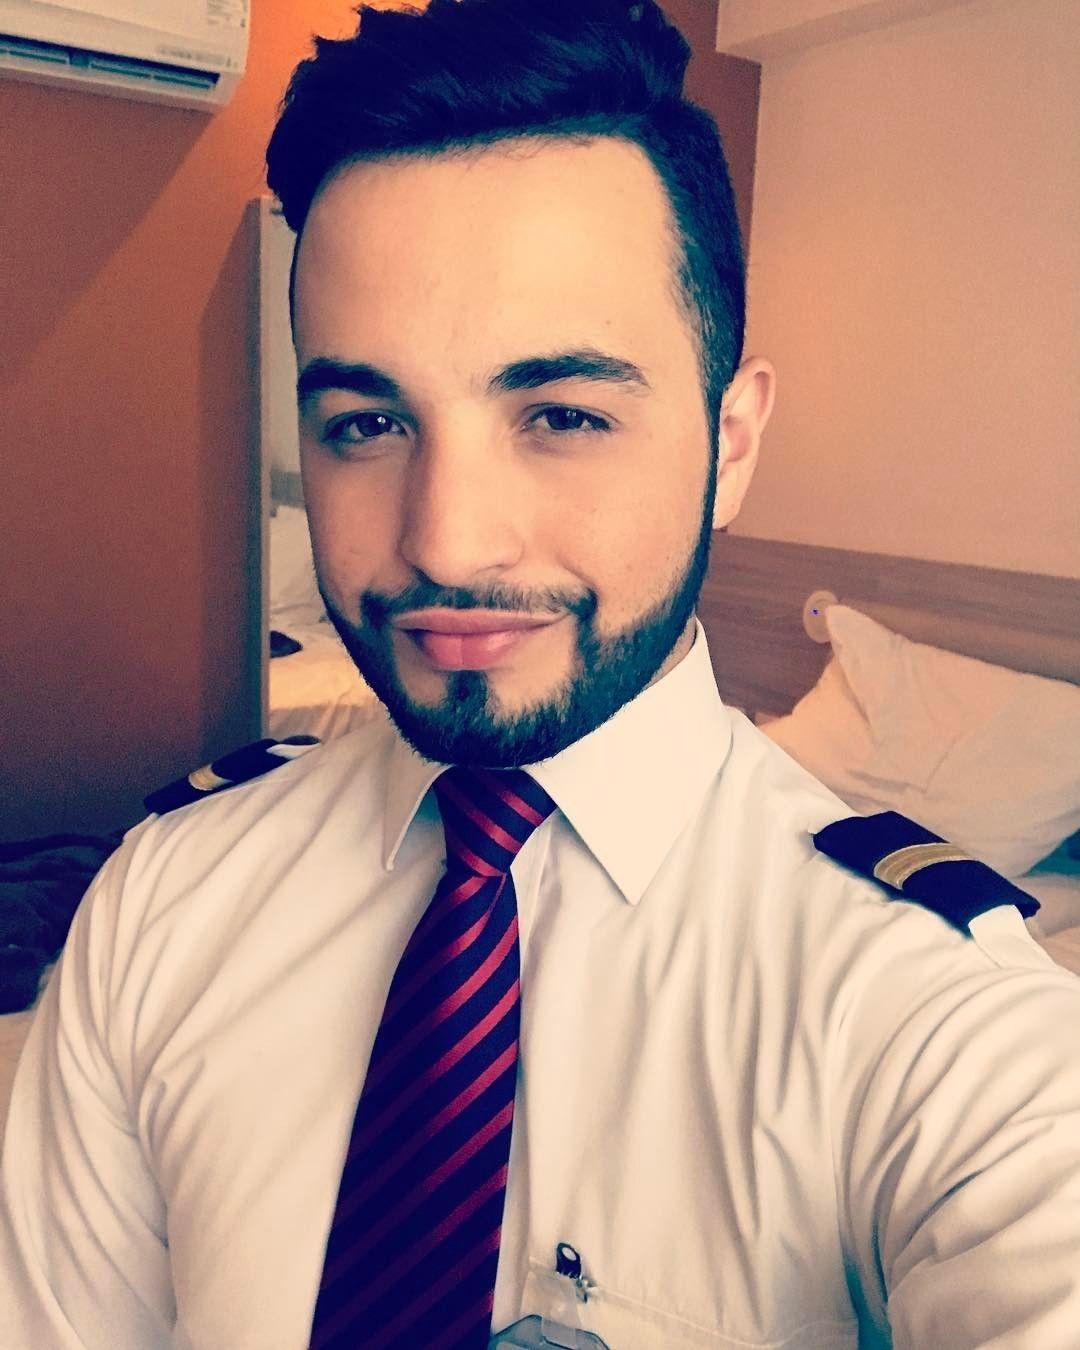 From @gabchiesck http://bit.ly/2sfELxC No dia do trabalhador vamos fazer o que ? Sim trabalhar na melhor profissão que eu já poderia ter escolhido !!! (Principalmente depois da folga ) Feliz dia do Trabalhador !!! #cabincrew #diadotrabalhador #flightattendant #steward #LATAMcrew #crewiser #instacrewiser #Crewfie #crewlife #Recife #Brazil #brazilianboy #instaboy #airbuscrew #happy #pictoftheday #hotellife #enjoy #behappy #deboismo #Deboista #letsgohome #KeepSmiling #KeepClimbing…